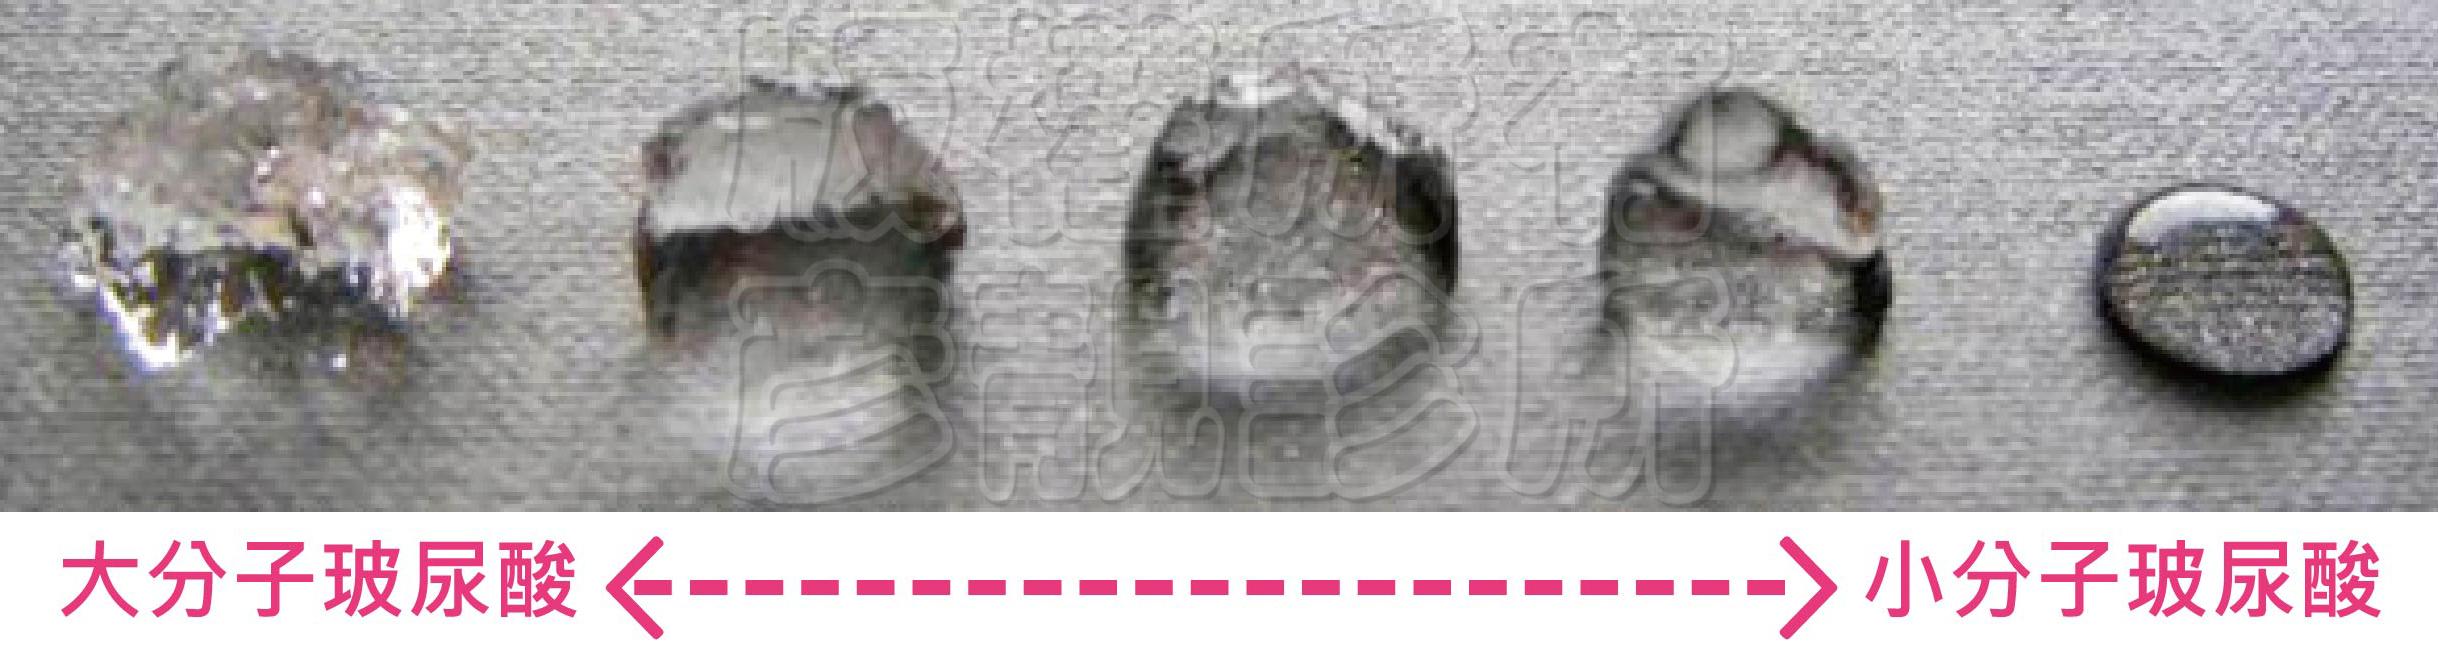 水微晶表格